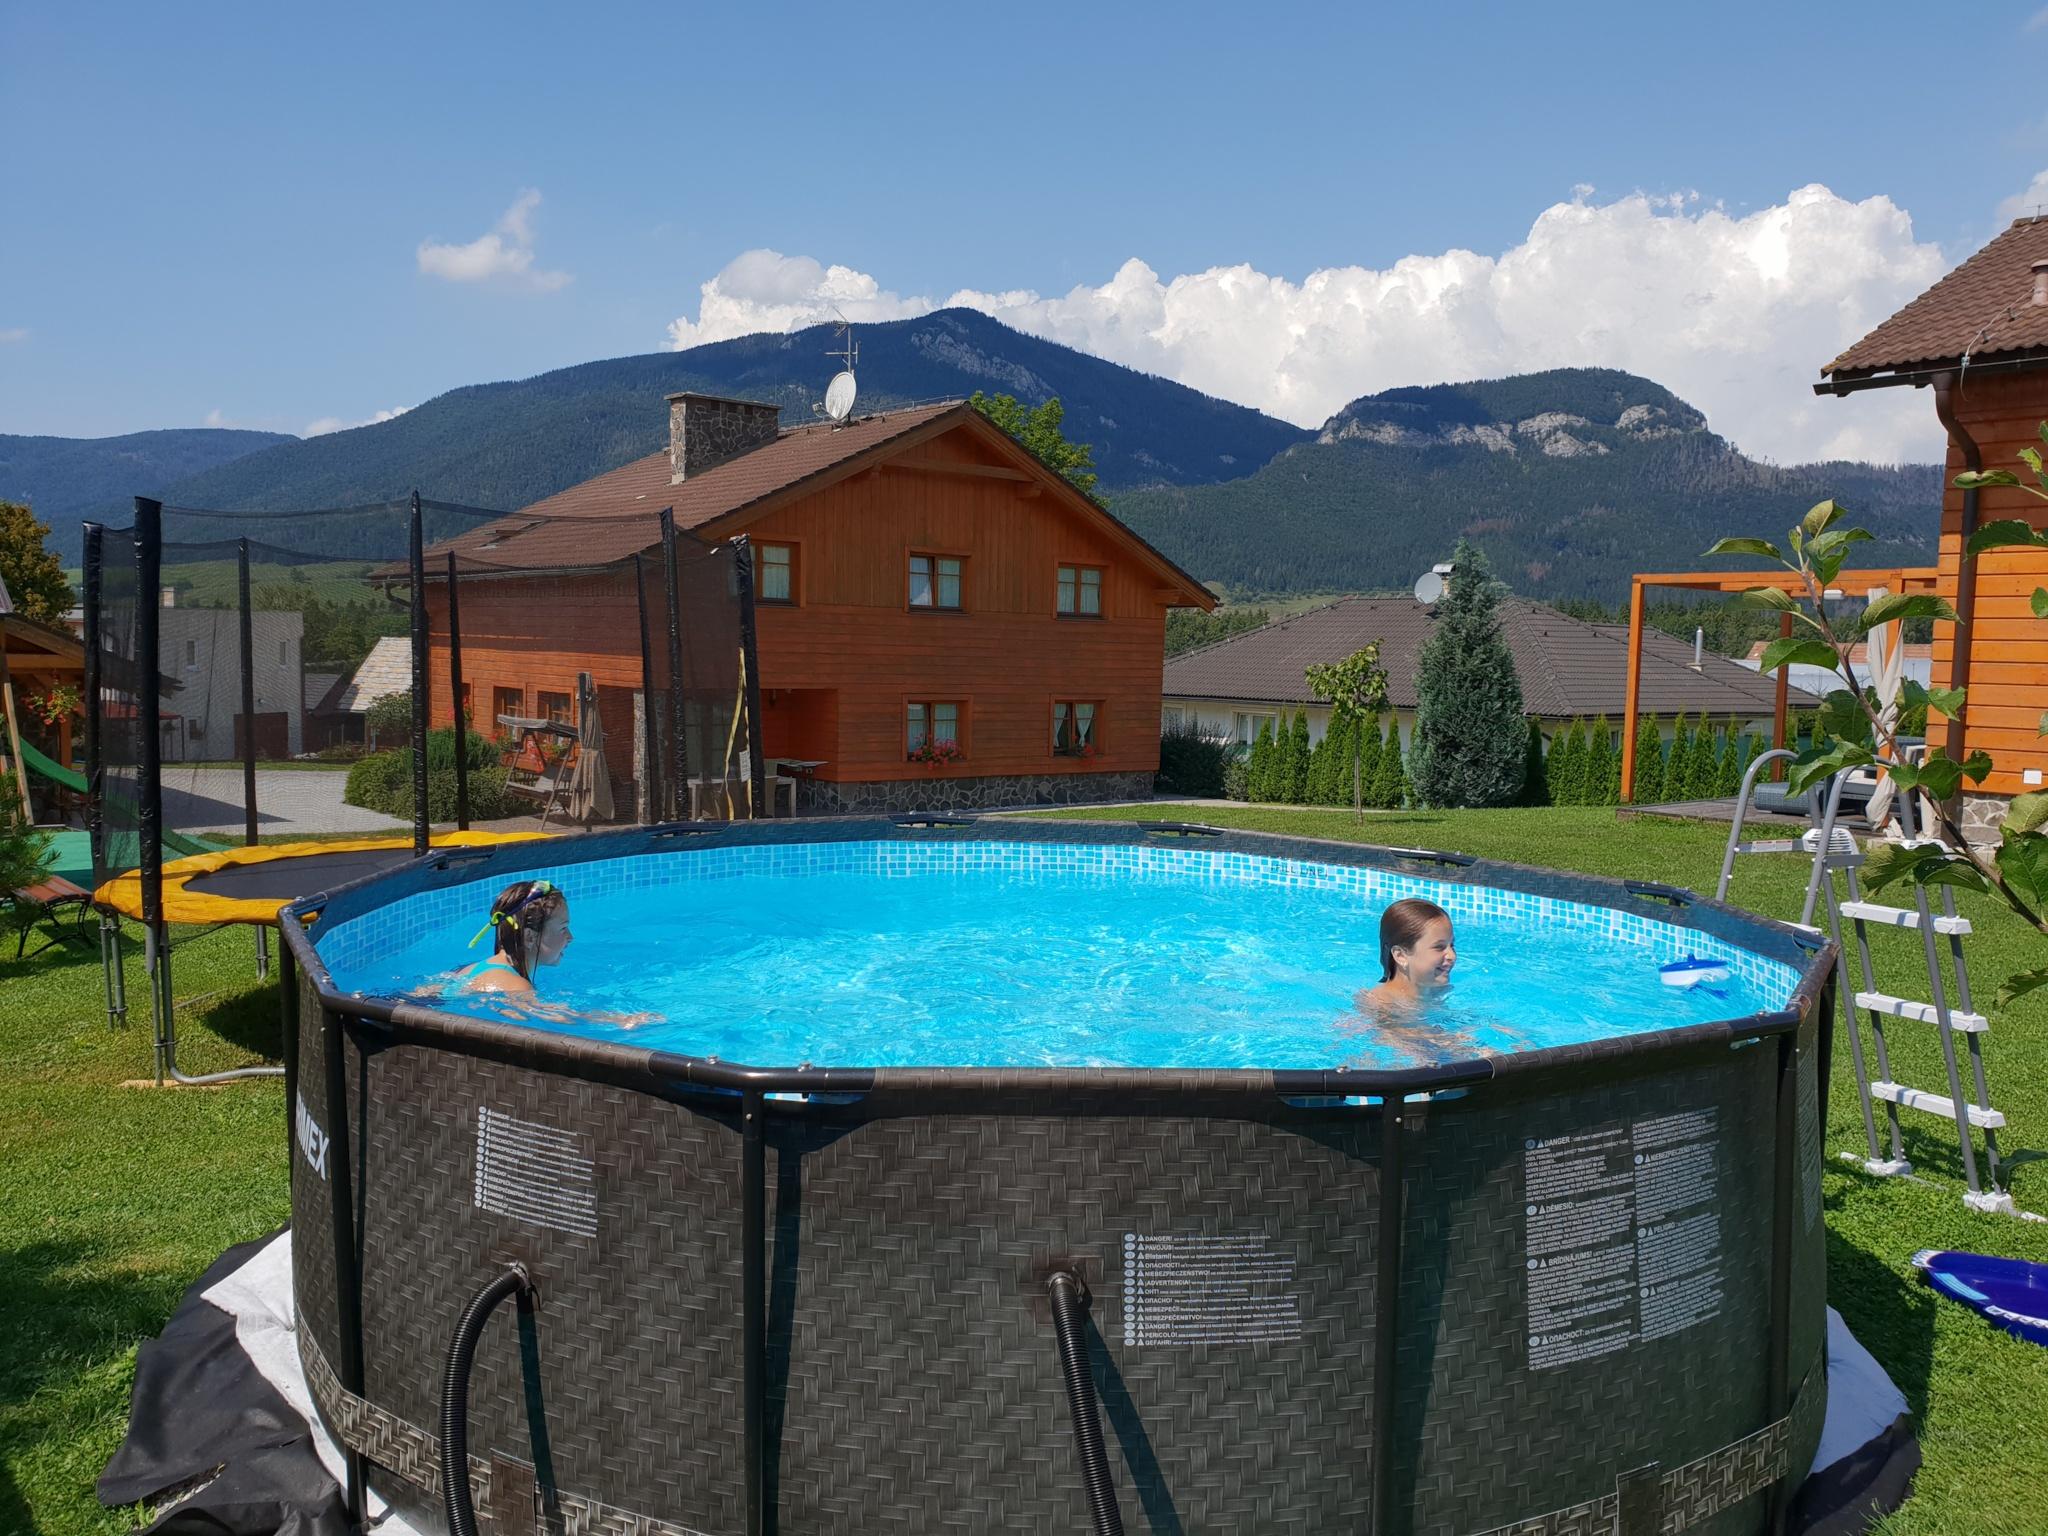 1621410512-Objekt-I.-zahrada-s-bazenom-a-trampolinou.jpg